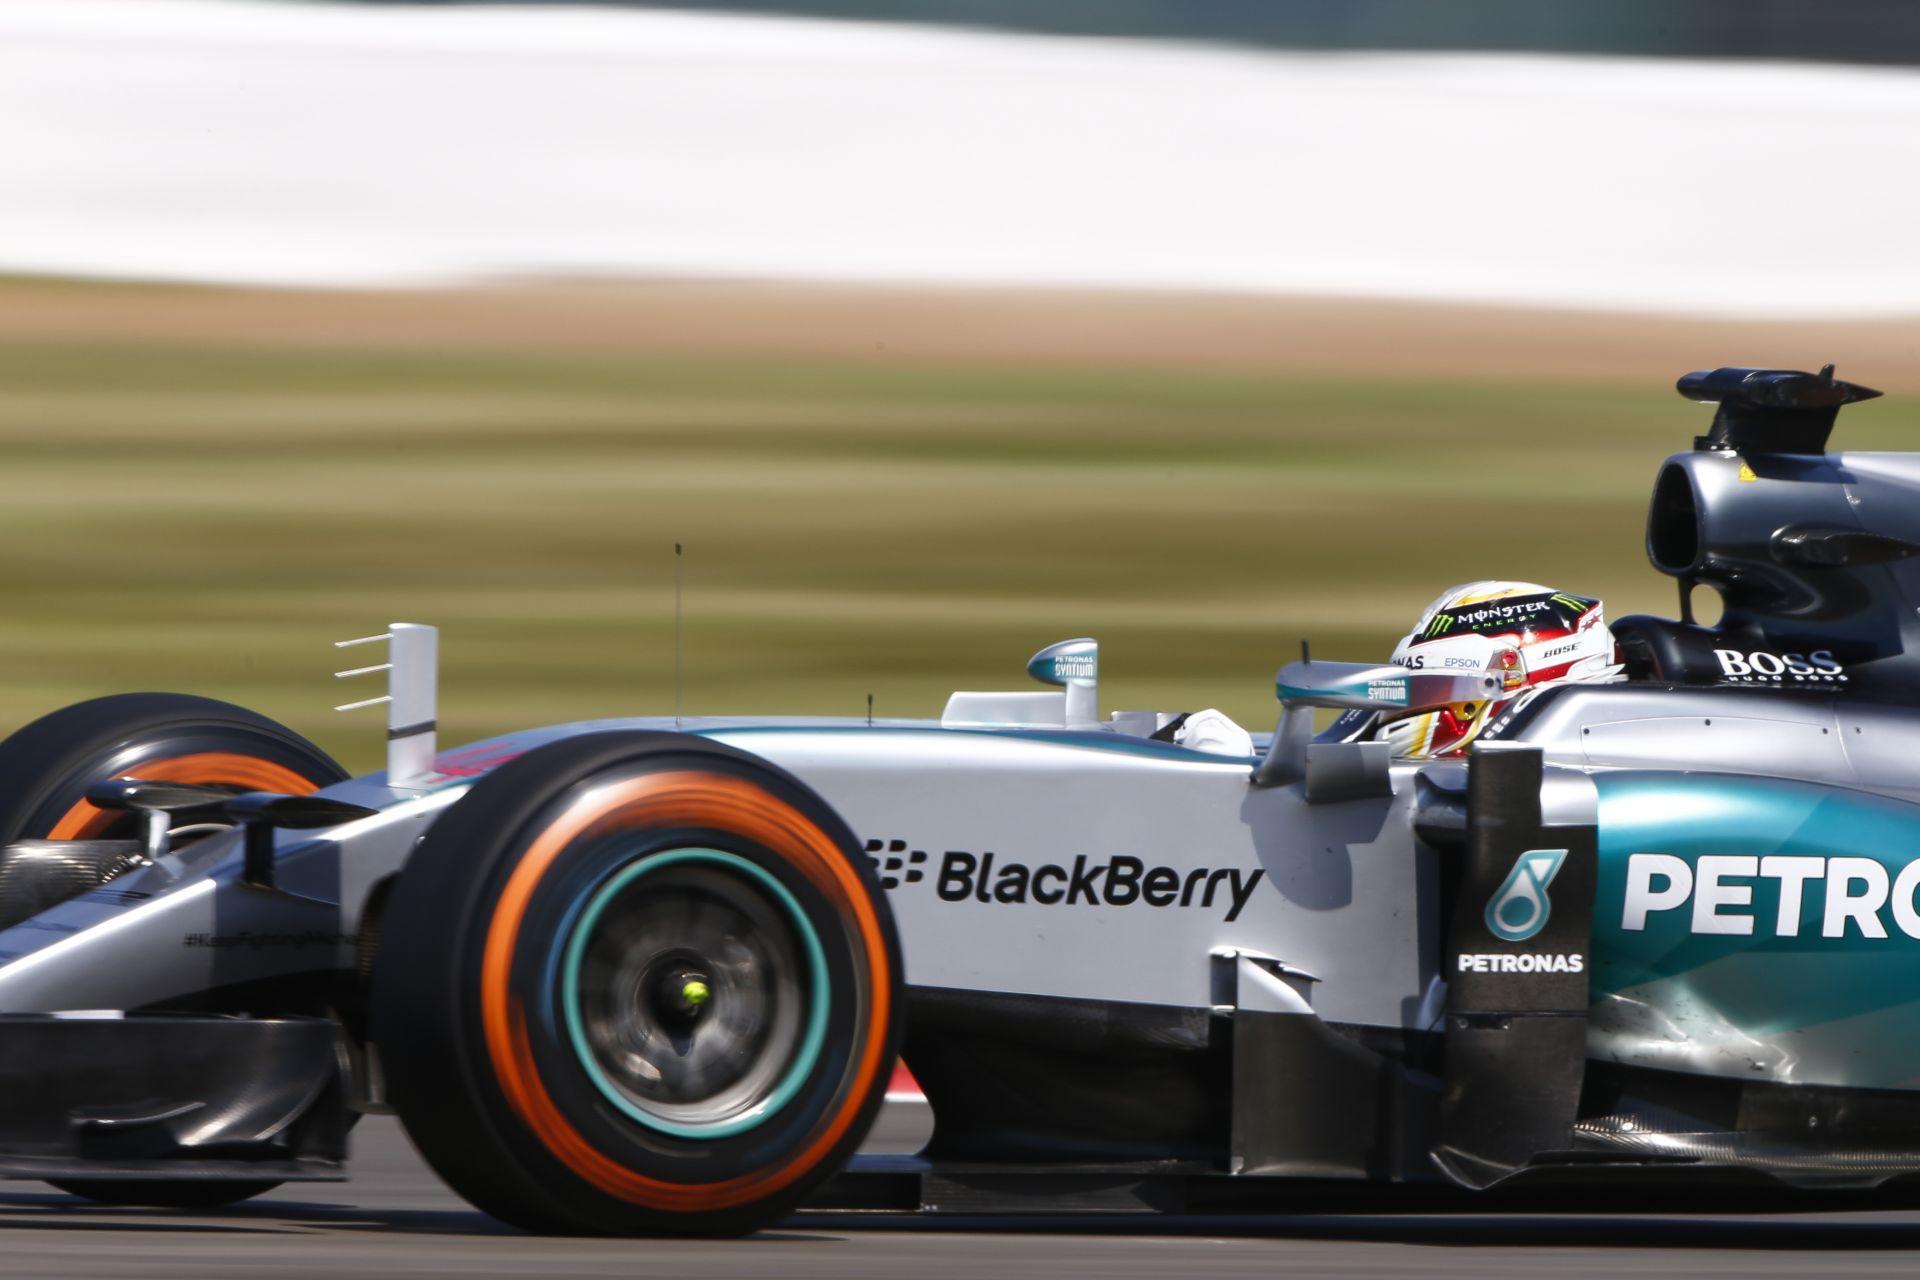 Hamilton megalázó fölénnyel végzett az élen Silverstone-ban a harmadik edzésen Rosberg és Raikkönen előtt! Vettel lett a negyedi